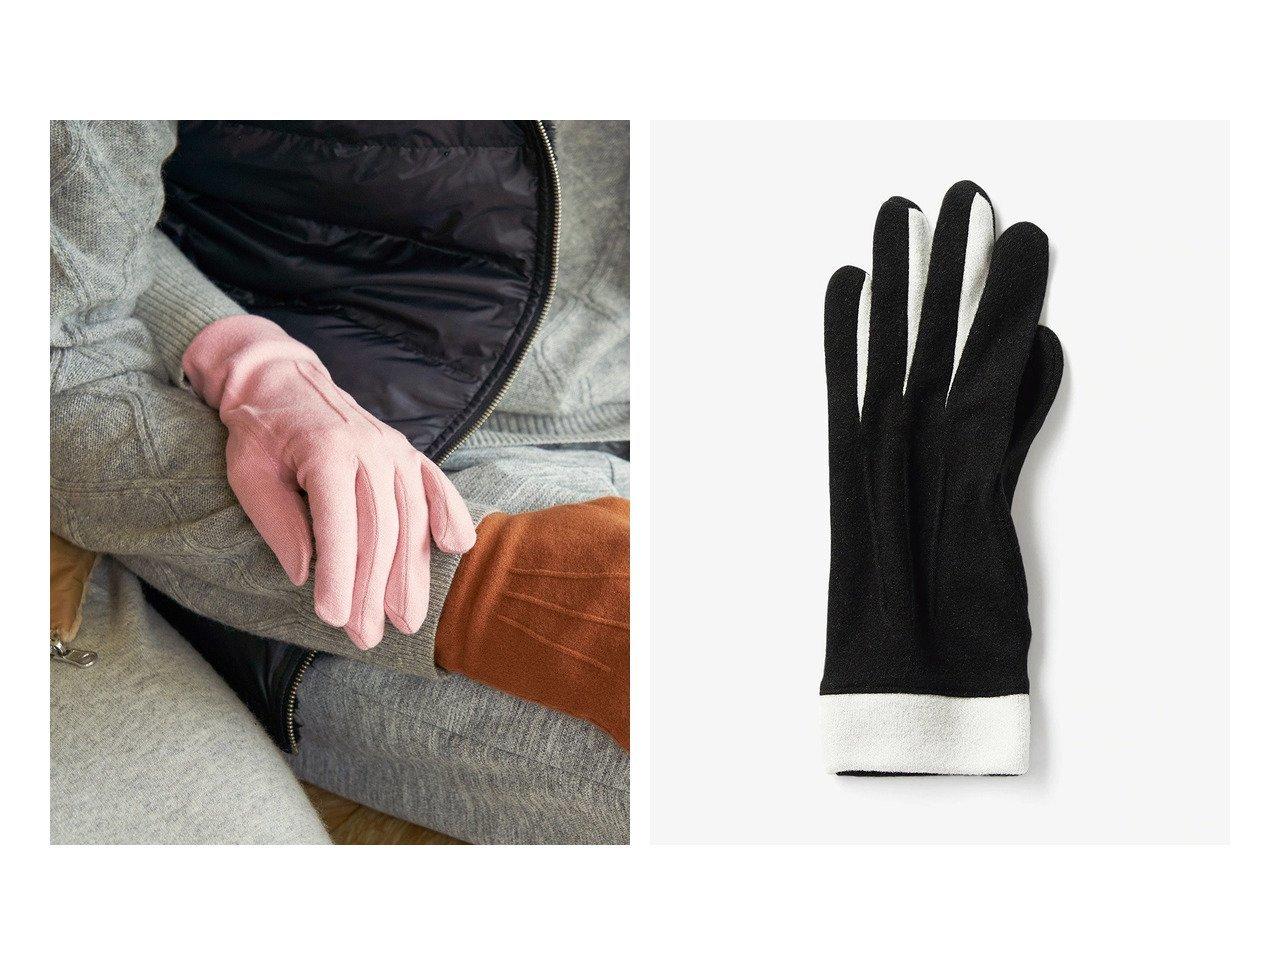 【DoCLASSE/ドゥクラッセ】のDoガード・抗ウイルス保湿手袋 ドゥクラッセの40代、50代の方におすすめ!人気トレンド・ファッションの通販 おすすめで人気の流行・トレンド、ファッションの通販商品 メンズファッション・キッズファッション・インテリア・家具・レディースファッション・服の通販 founy(ファニー) https://founy.com/ ファッション Fashion レディースファッション WOMEN 手袋 Gloves 抗菌 スマホ A/W 秋冬 AW Autumn/Winter / FW Fall-Winter おすすめ Recommend |ID:crp329100000021640